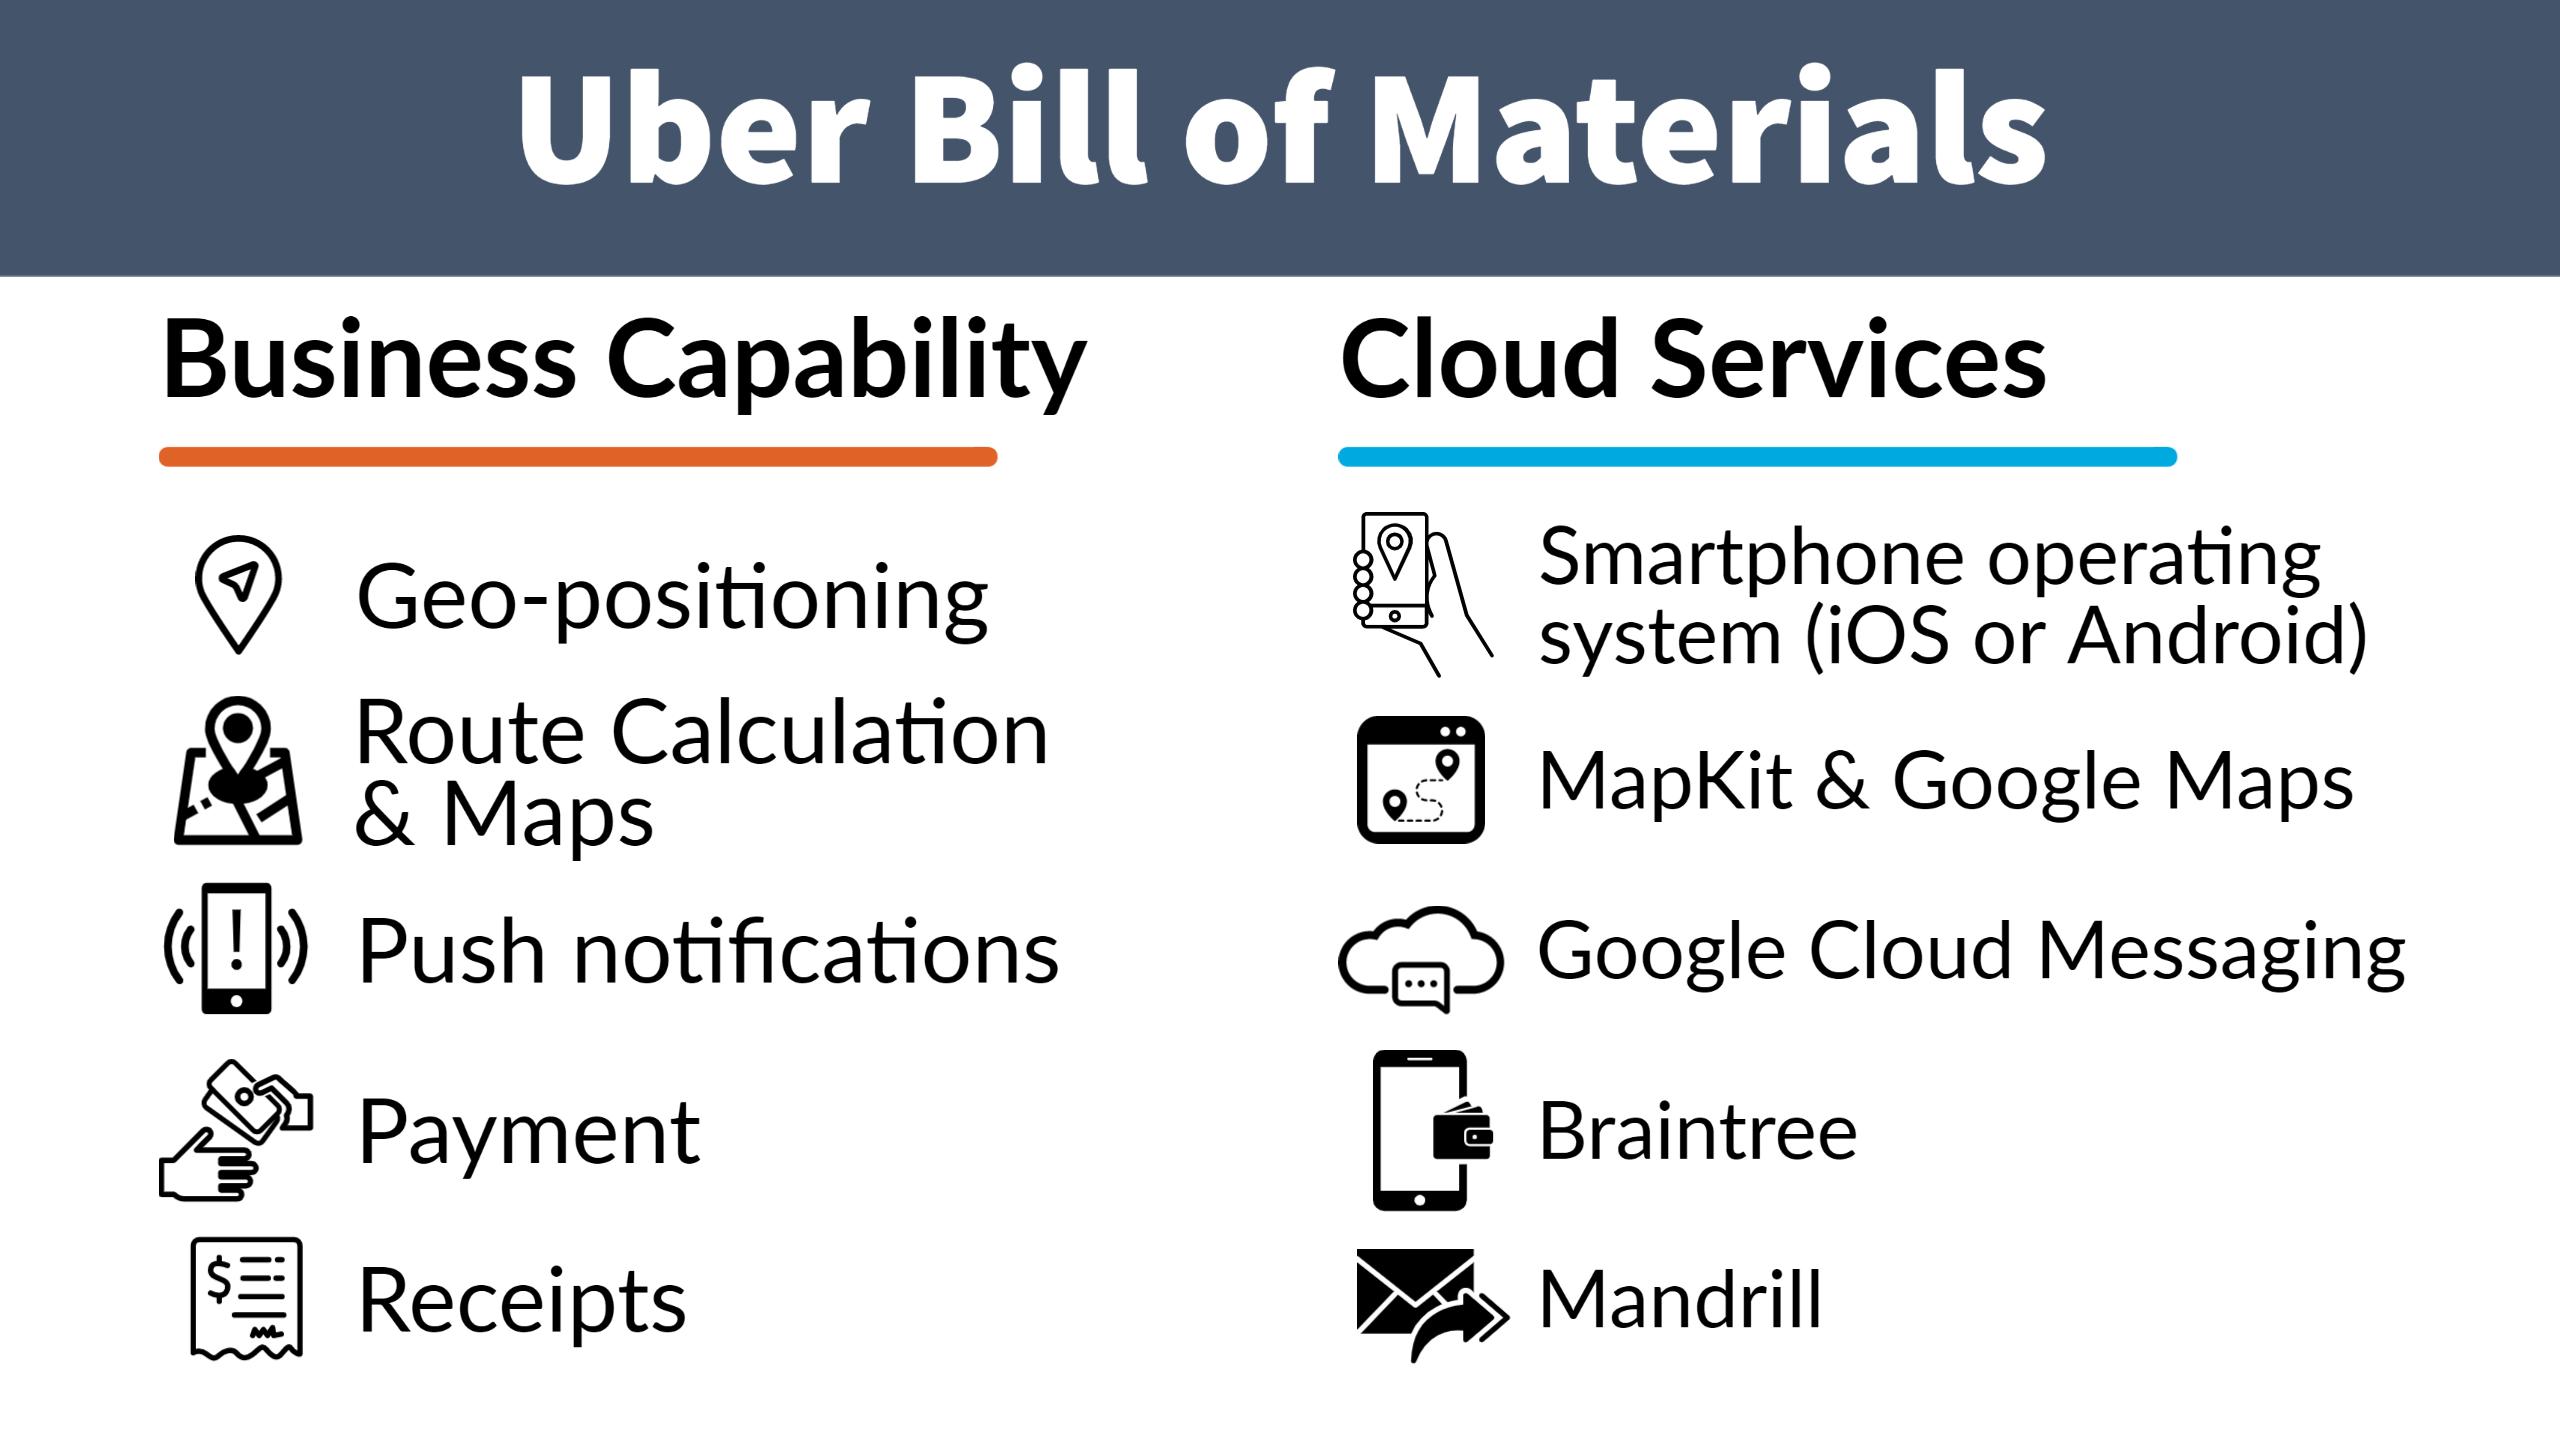 Uber Bill of Materials